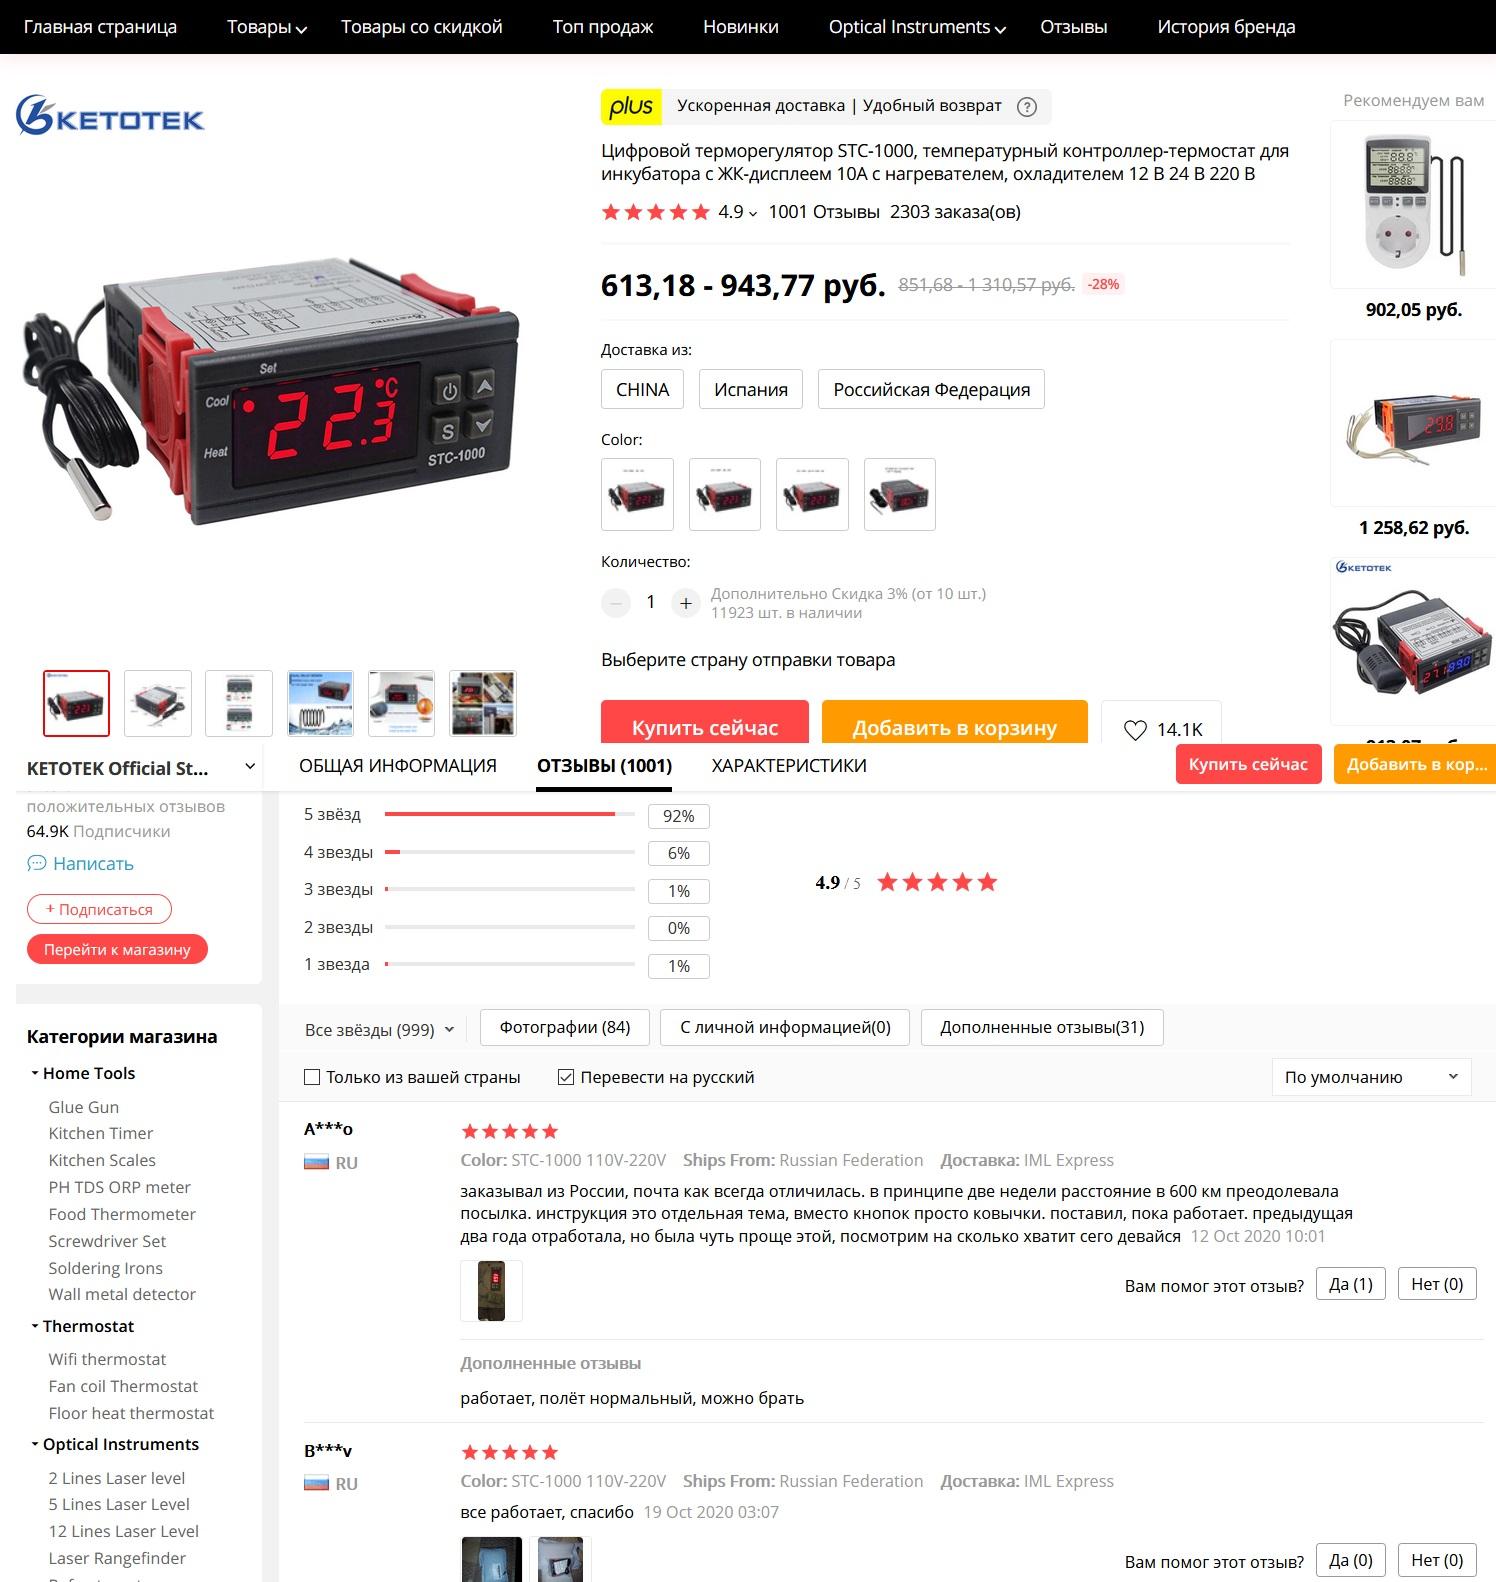 Терморегулятор KETOTEK STC-1000